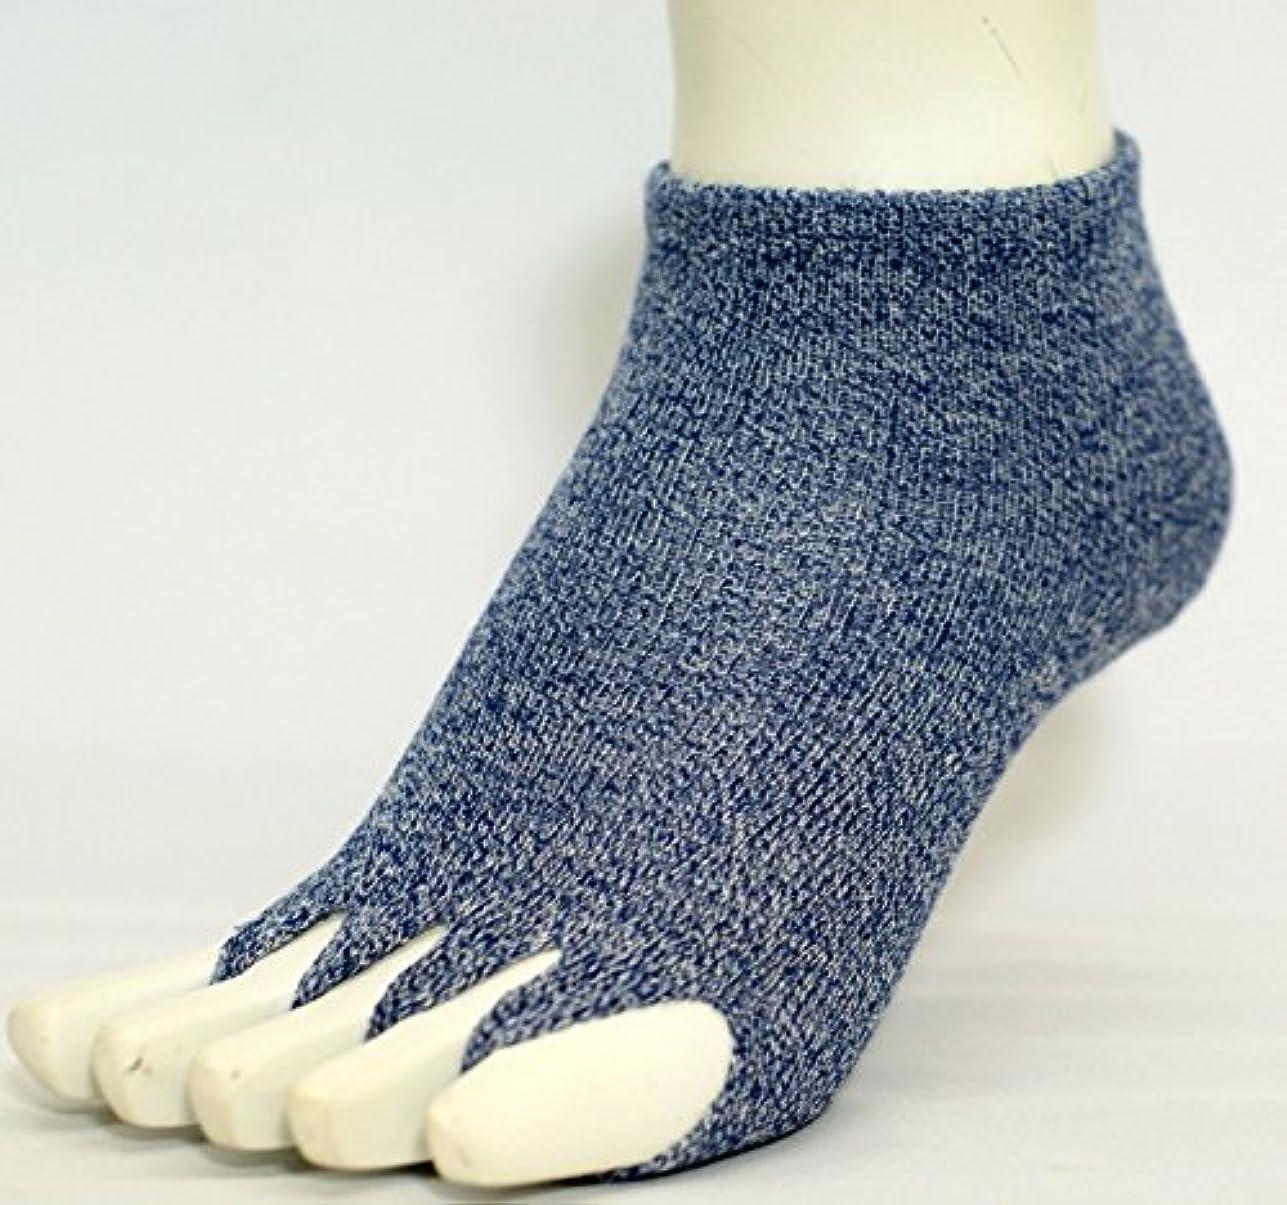 キャリッジ神の新年指なし健康ソックス 8色 4サイズ  冷え性?足のむくみ対策に 竹繊維の入った?  (21cm~23cm, 紺色)